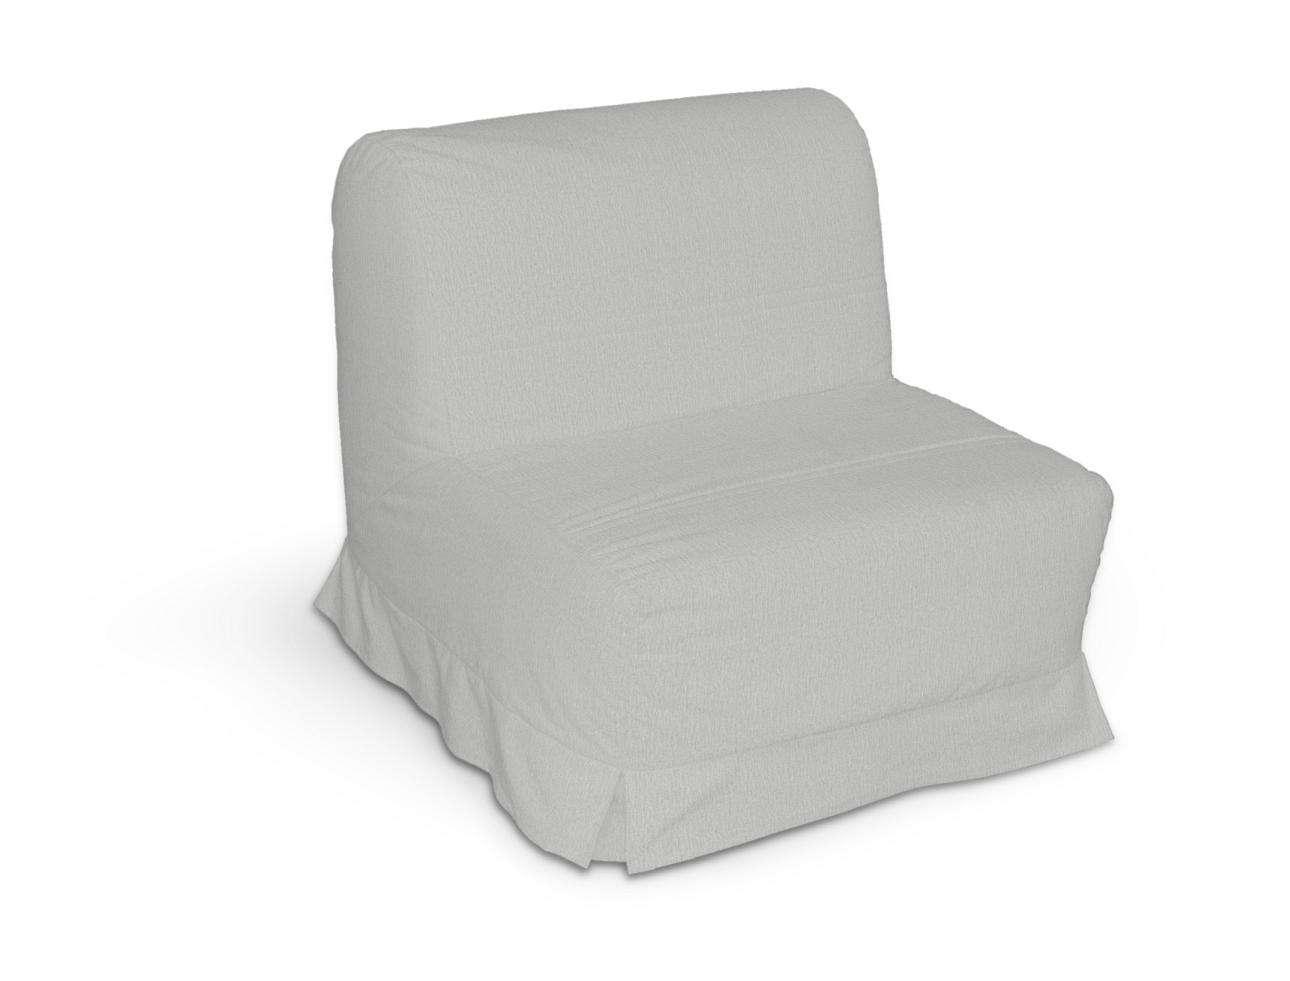 Pokrowiec na fotel Lycksele z kontrafałdami sofa Lycksele 1os. w kolekcji Chenille, tkanina: 702-23